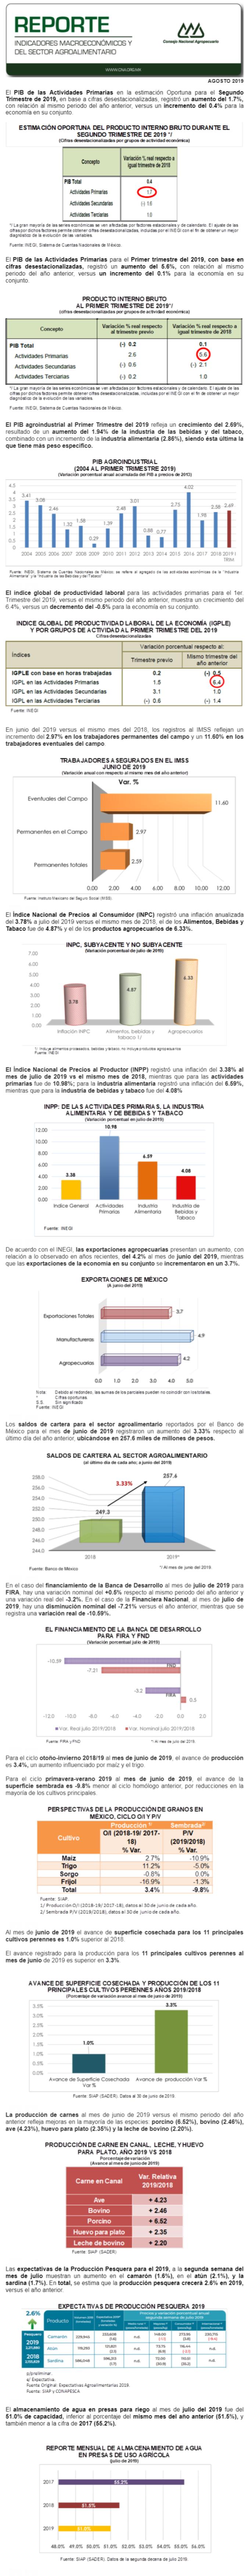 REPORTE DE INDICADORES MACROECONÓMICOS Y SECTORIALES MES DE AGOSTO DE 2019